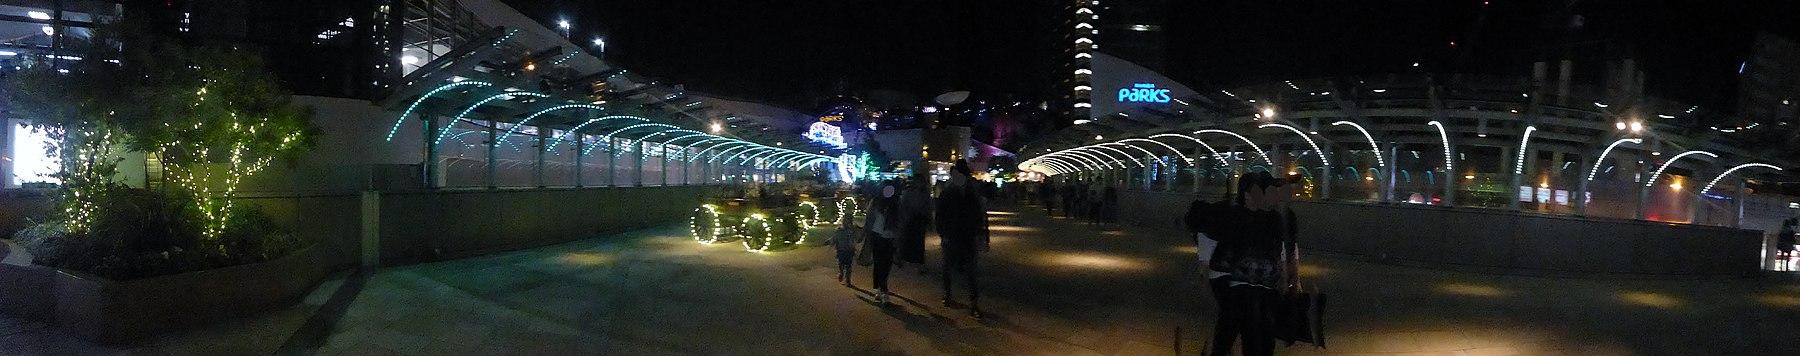 The illuminations at Namba Parks.jpg